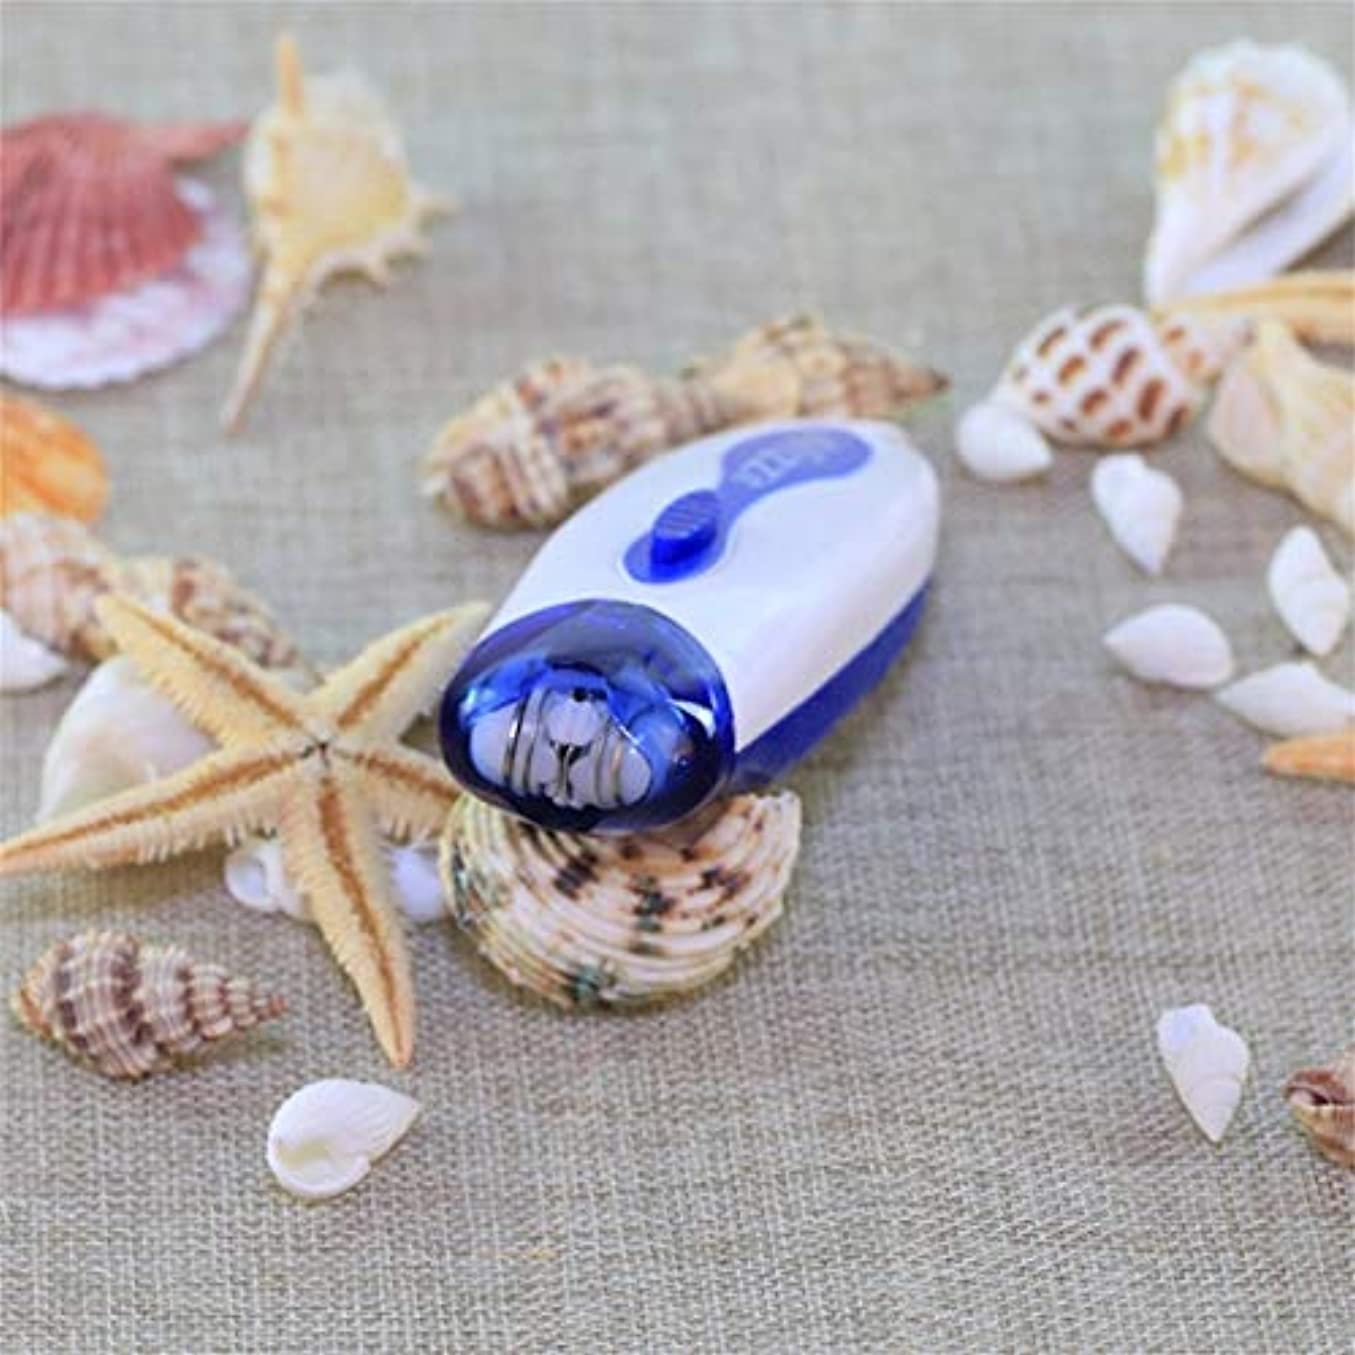 に勝る事業先行するWizzit Electric Epilator Hair Shaving Device Tweezers Hair Removal Epilator Remover Depilating Machine Tool